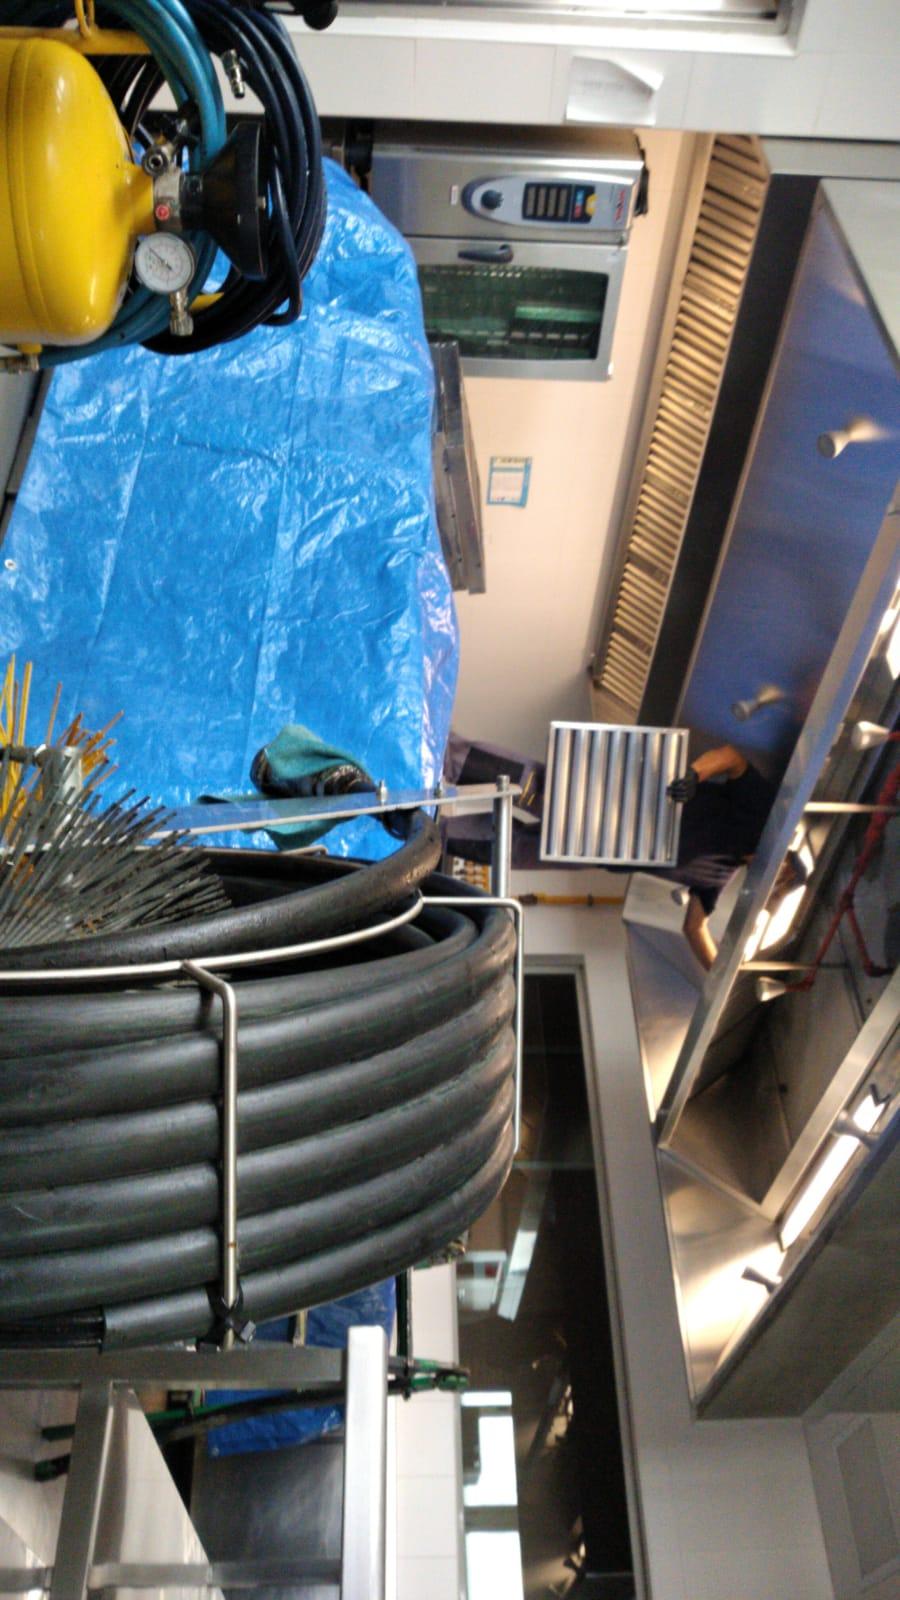 Limpieza de conductos – Preparación para la limpieza, equipo espumogeno y rotadora